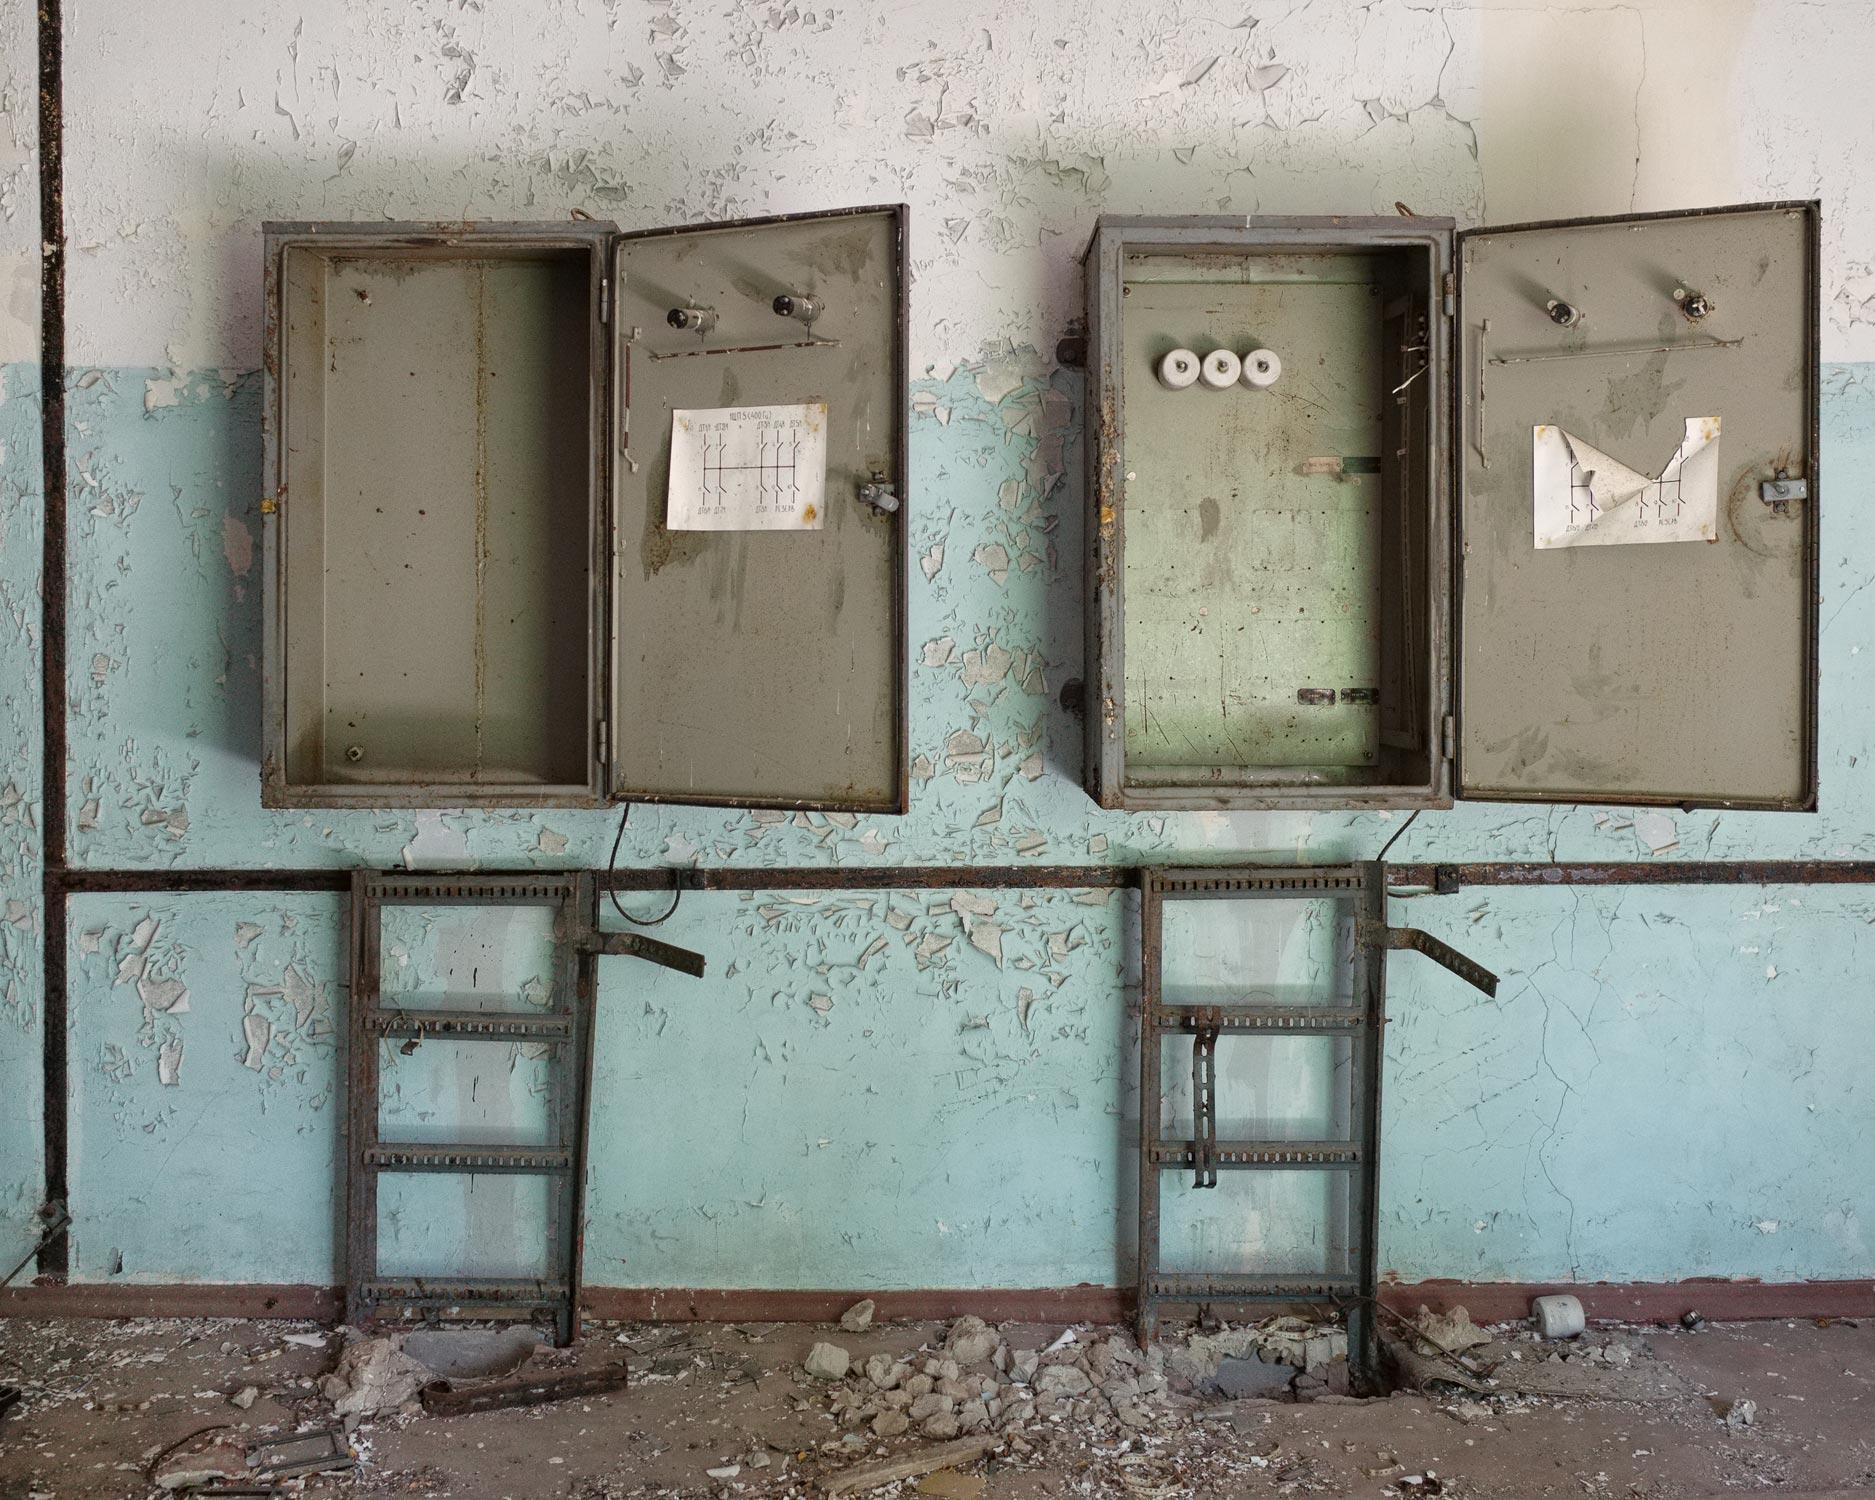 280_chernobyl_Chernobyl2_ControlCenter_w.jpg